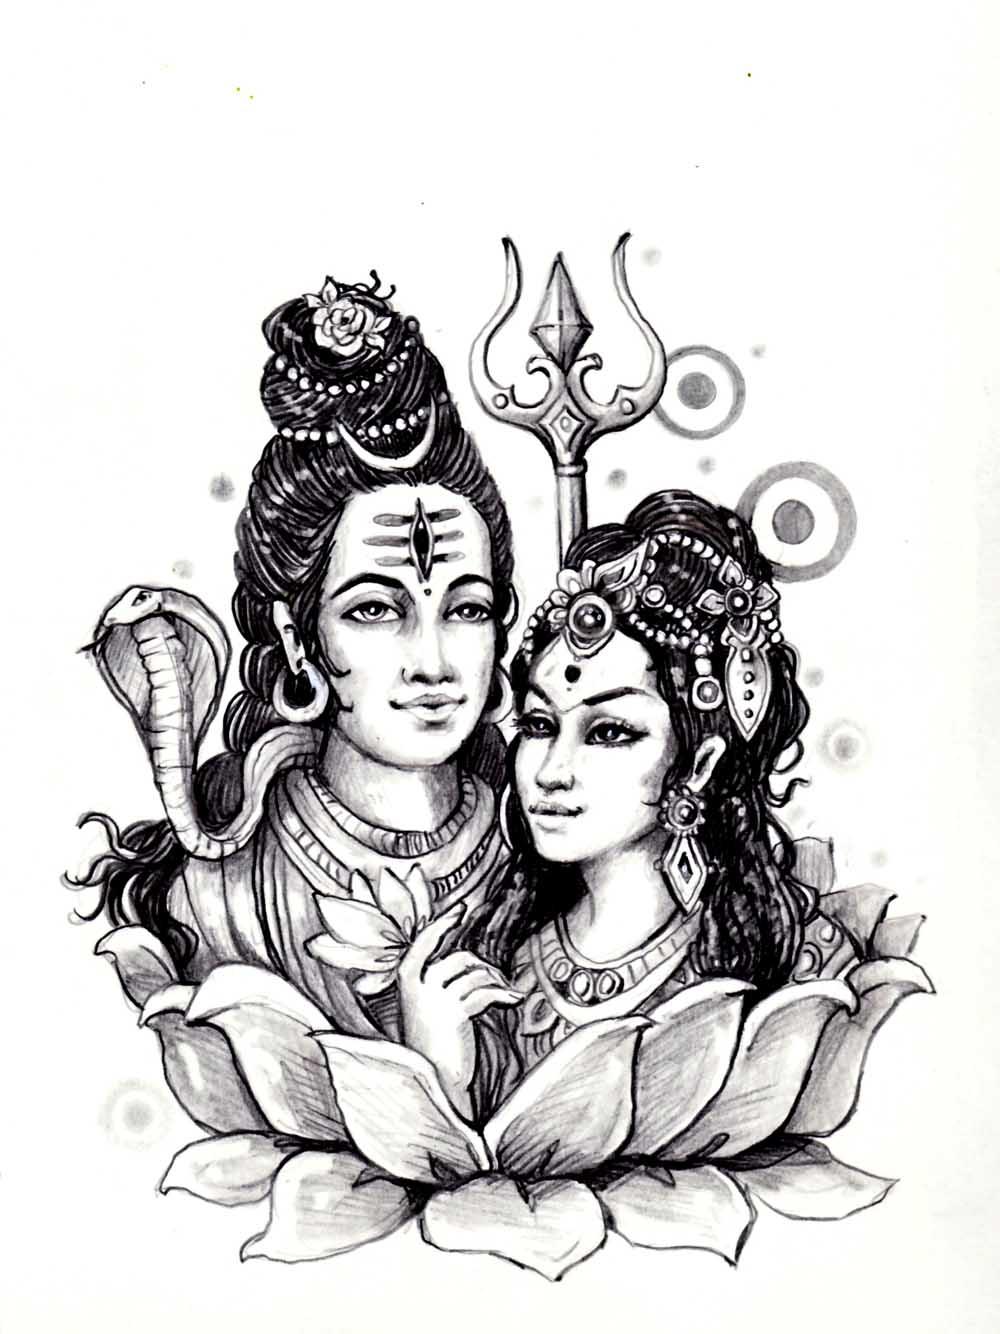 Coloriage de Sati, éprise de Shiva dans la mythologie Hindoue. Bustes dans fleur de lotus, style magnifique pour un coloriage plein de couleurs !